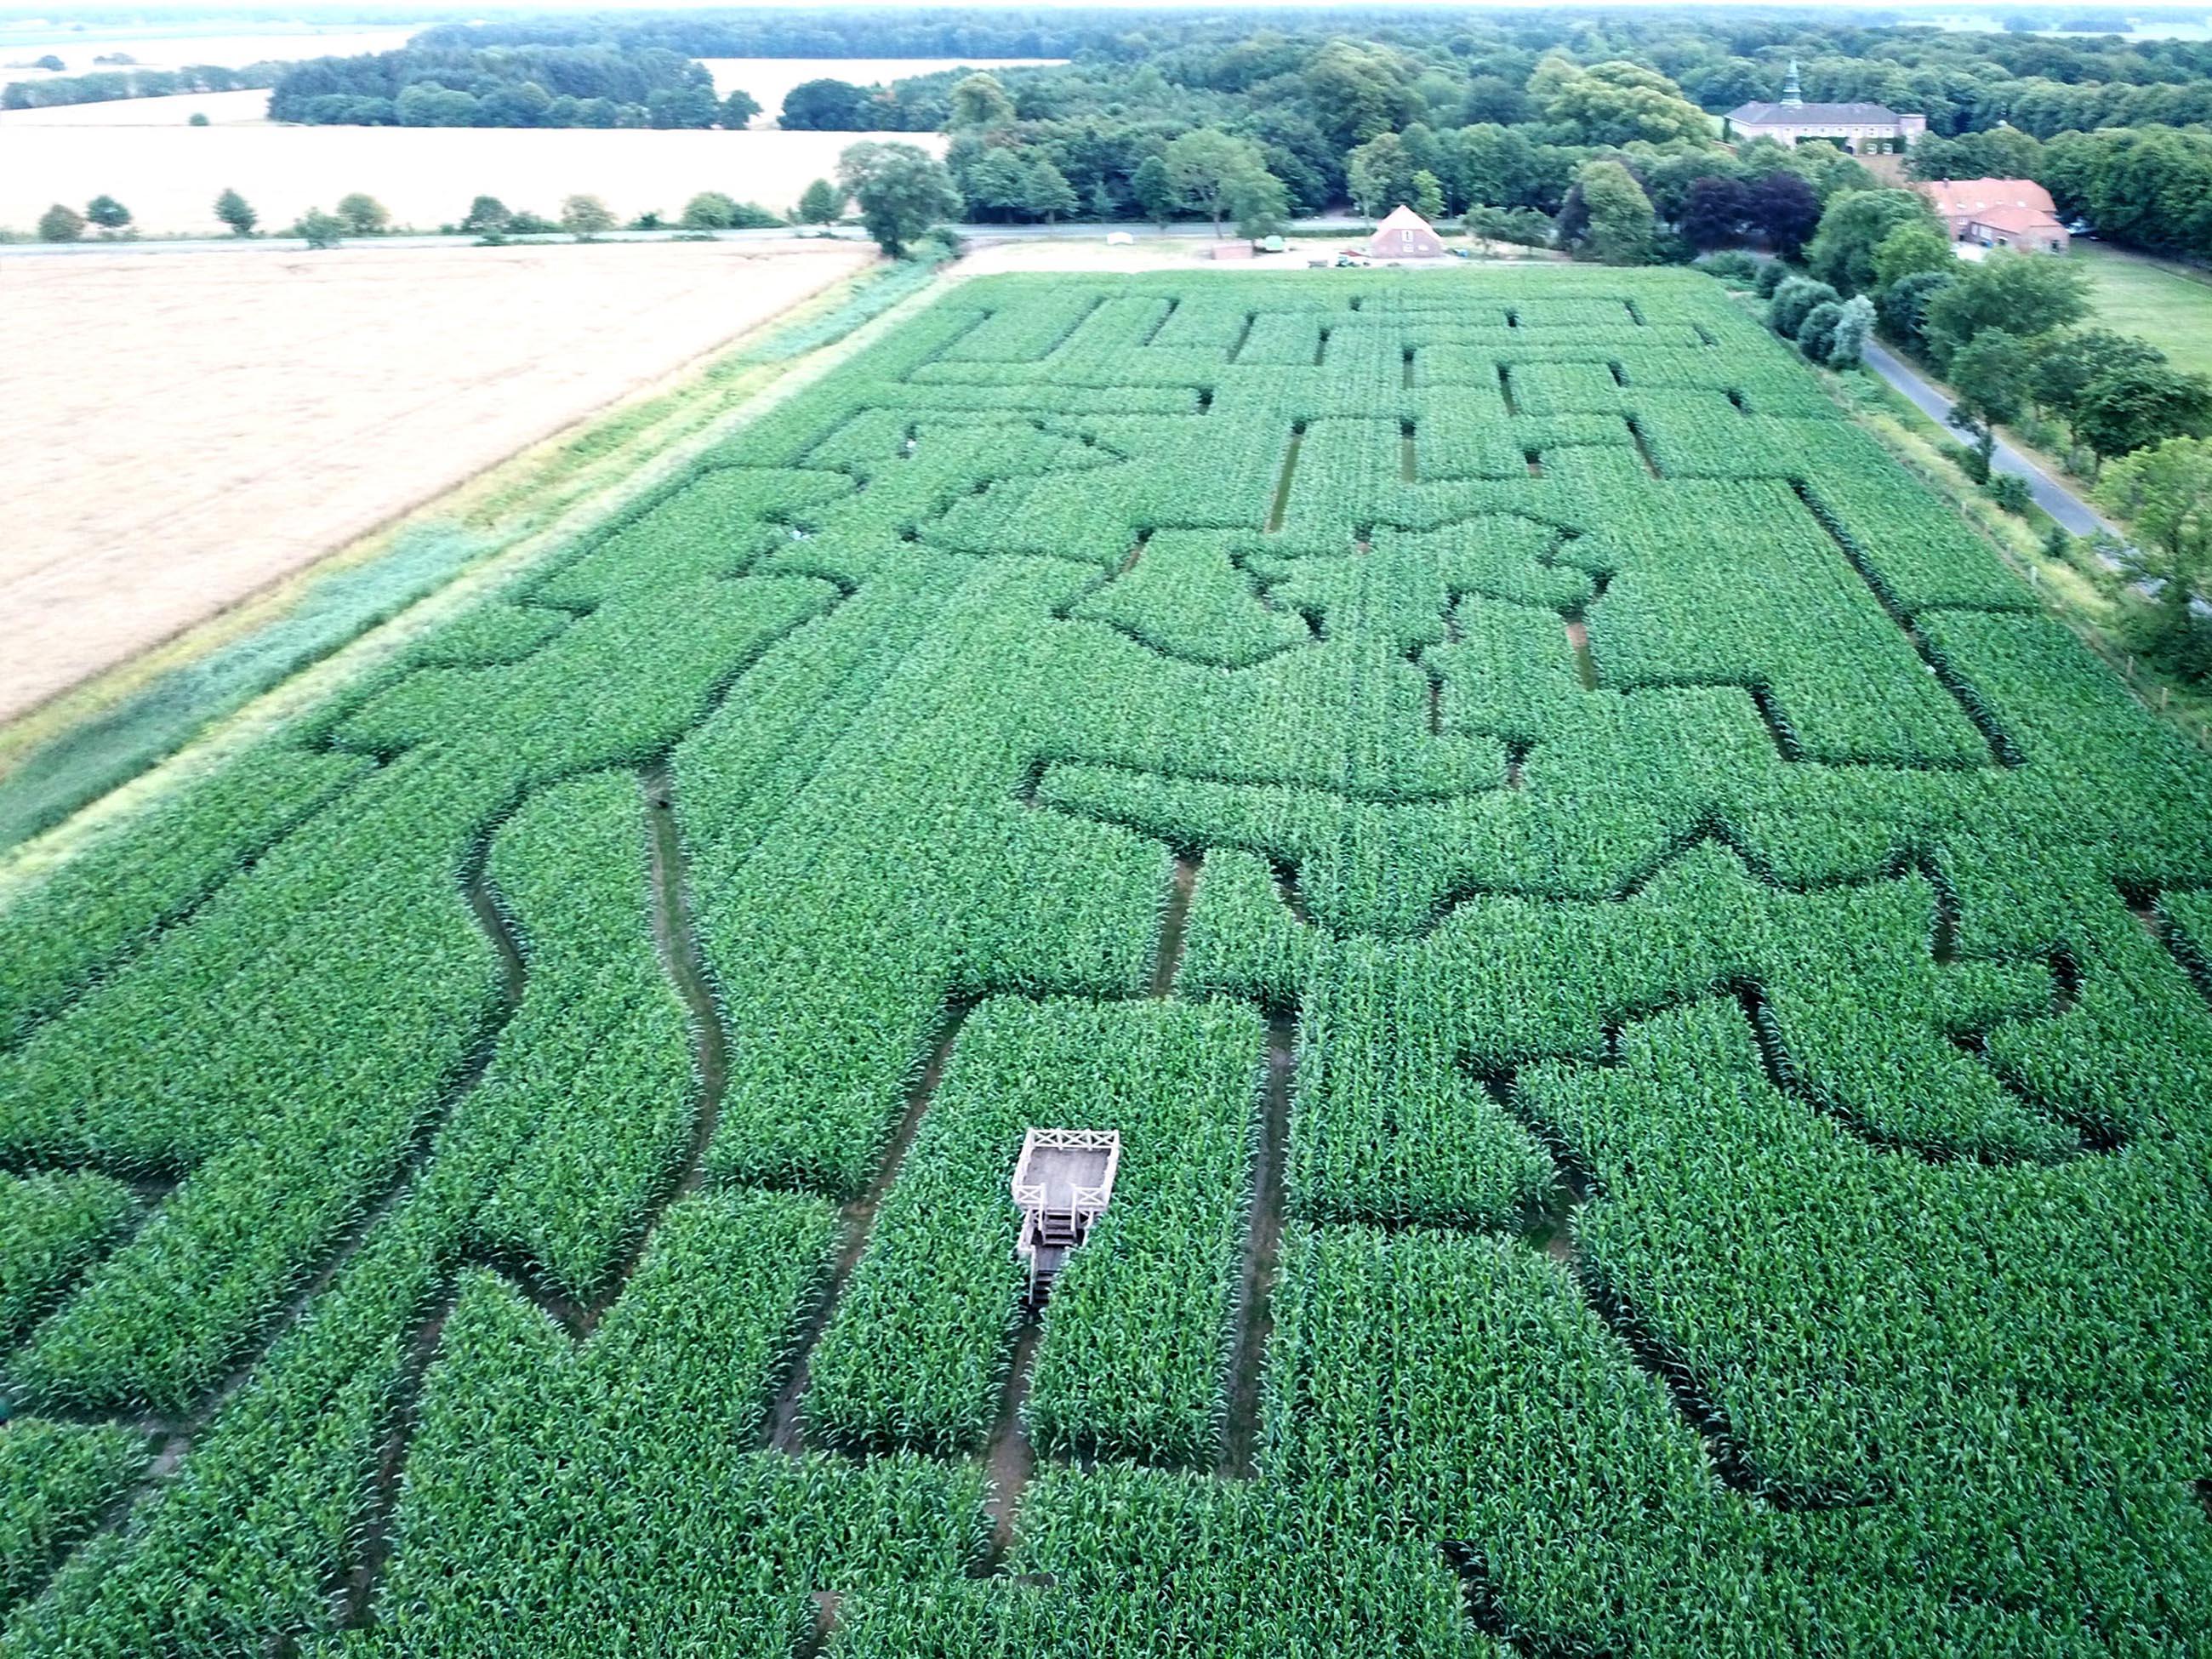 Lütetsburger Maislabyrinth